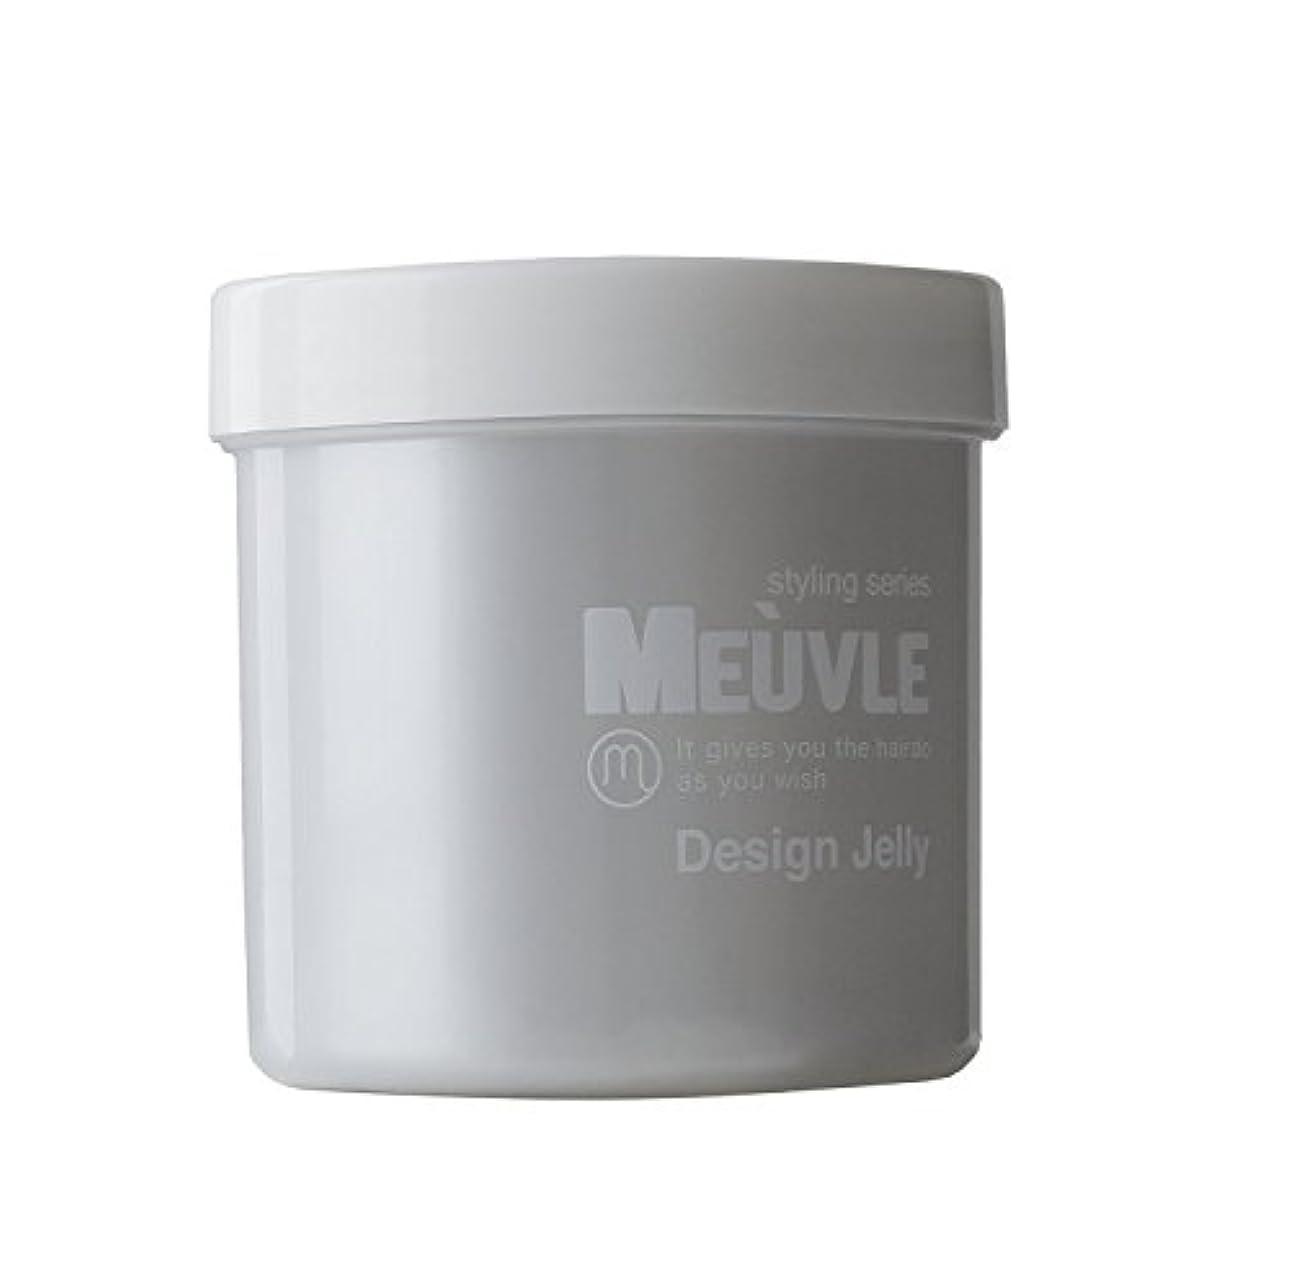 間違っている販売員課税MEUVLE ( ミューヴル ) デザインゼリー 300g 限定企画 ミューブル ジェル